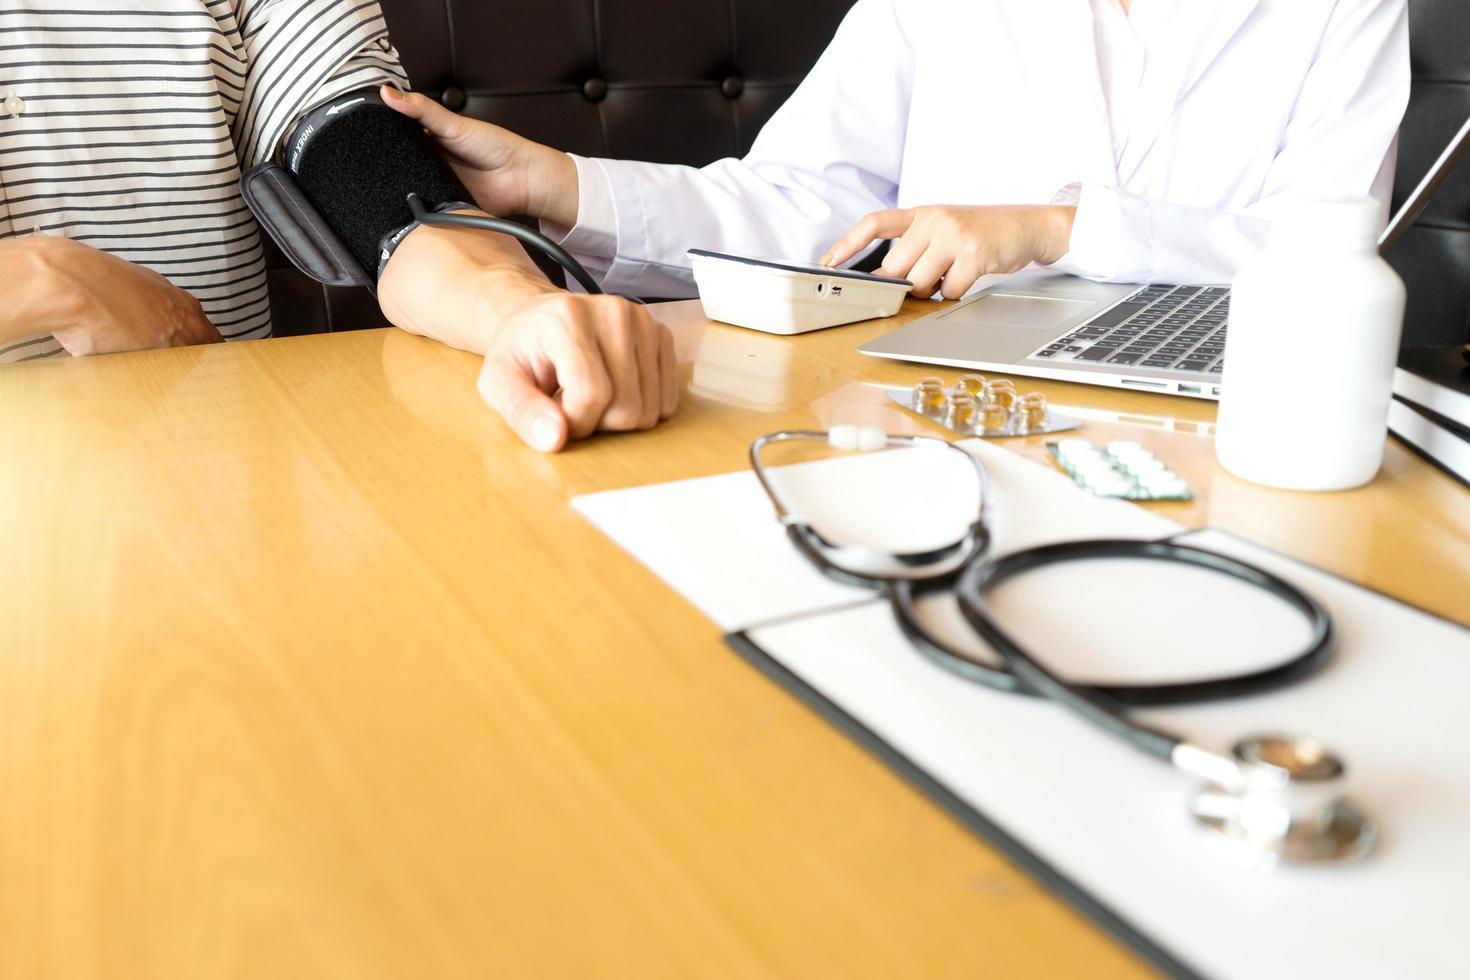 profesional de la salud tomando una lectura de presión arterial foto